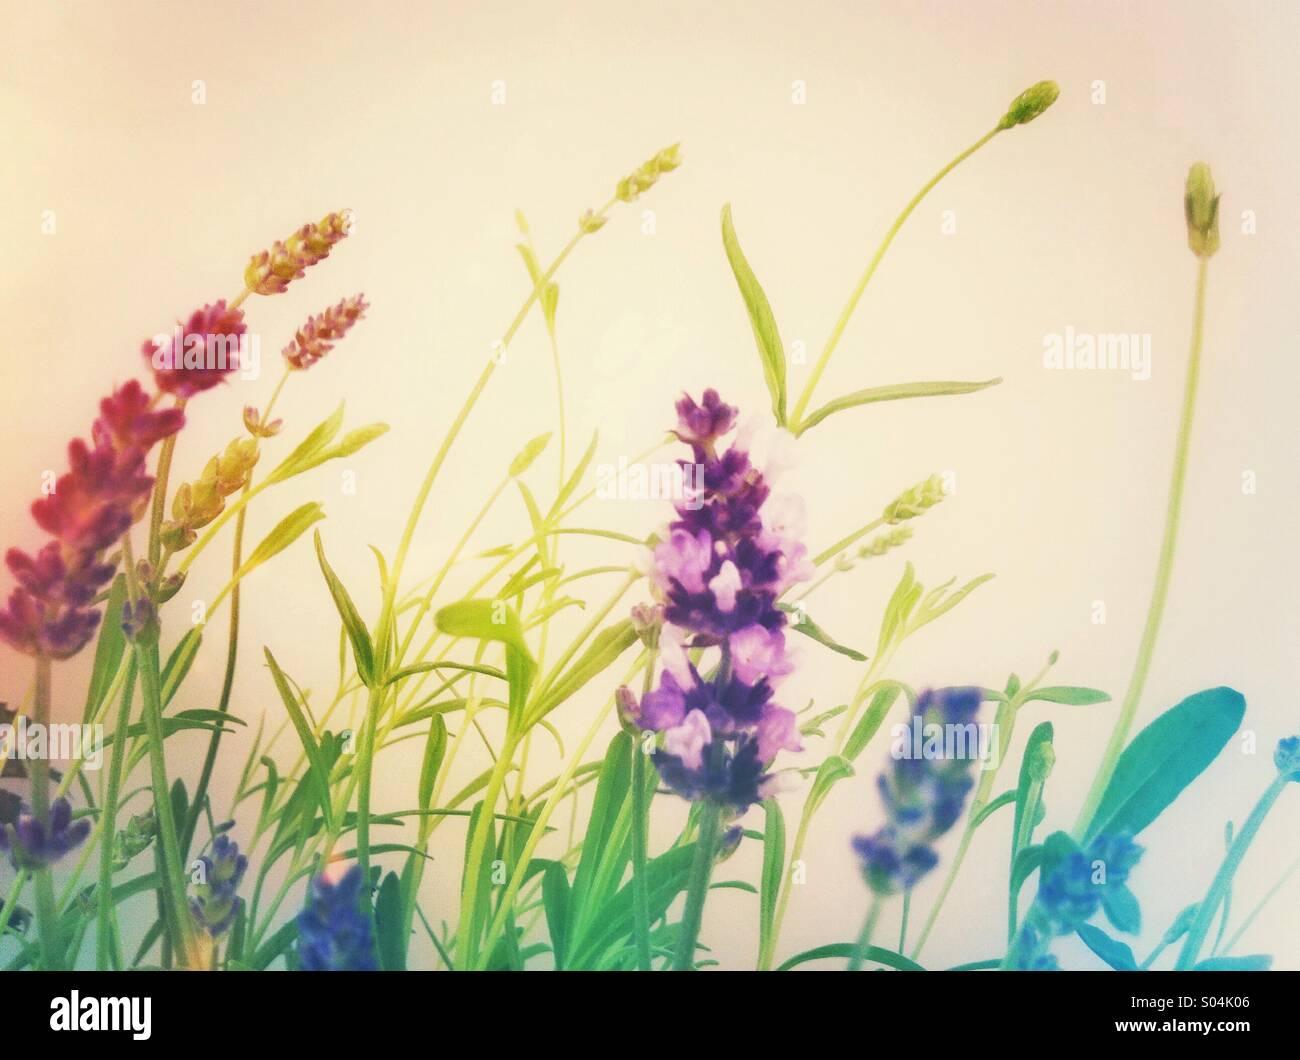 Planta con flores de lavanda Imagen De Stock